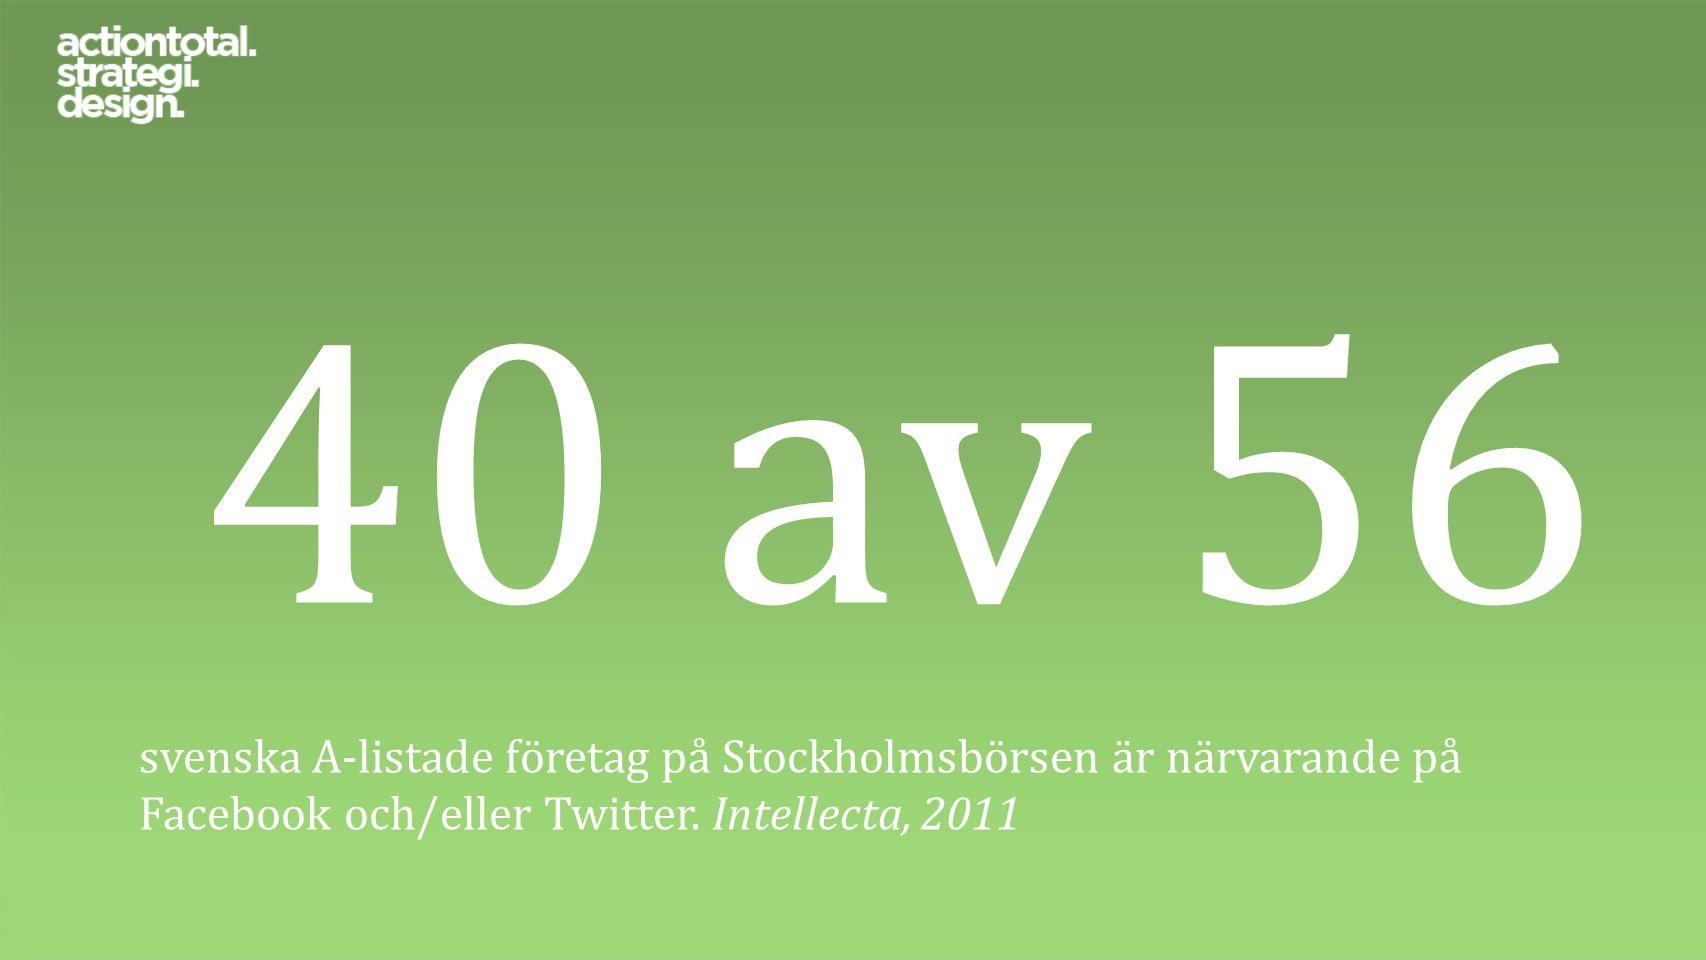 40 av 56 svenska A-listade företag på Stockholmsbörsen är närvarande på Facebook och/eller Twitter. Intellecta, 2011